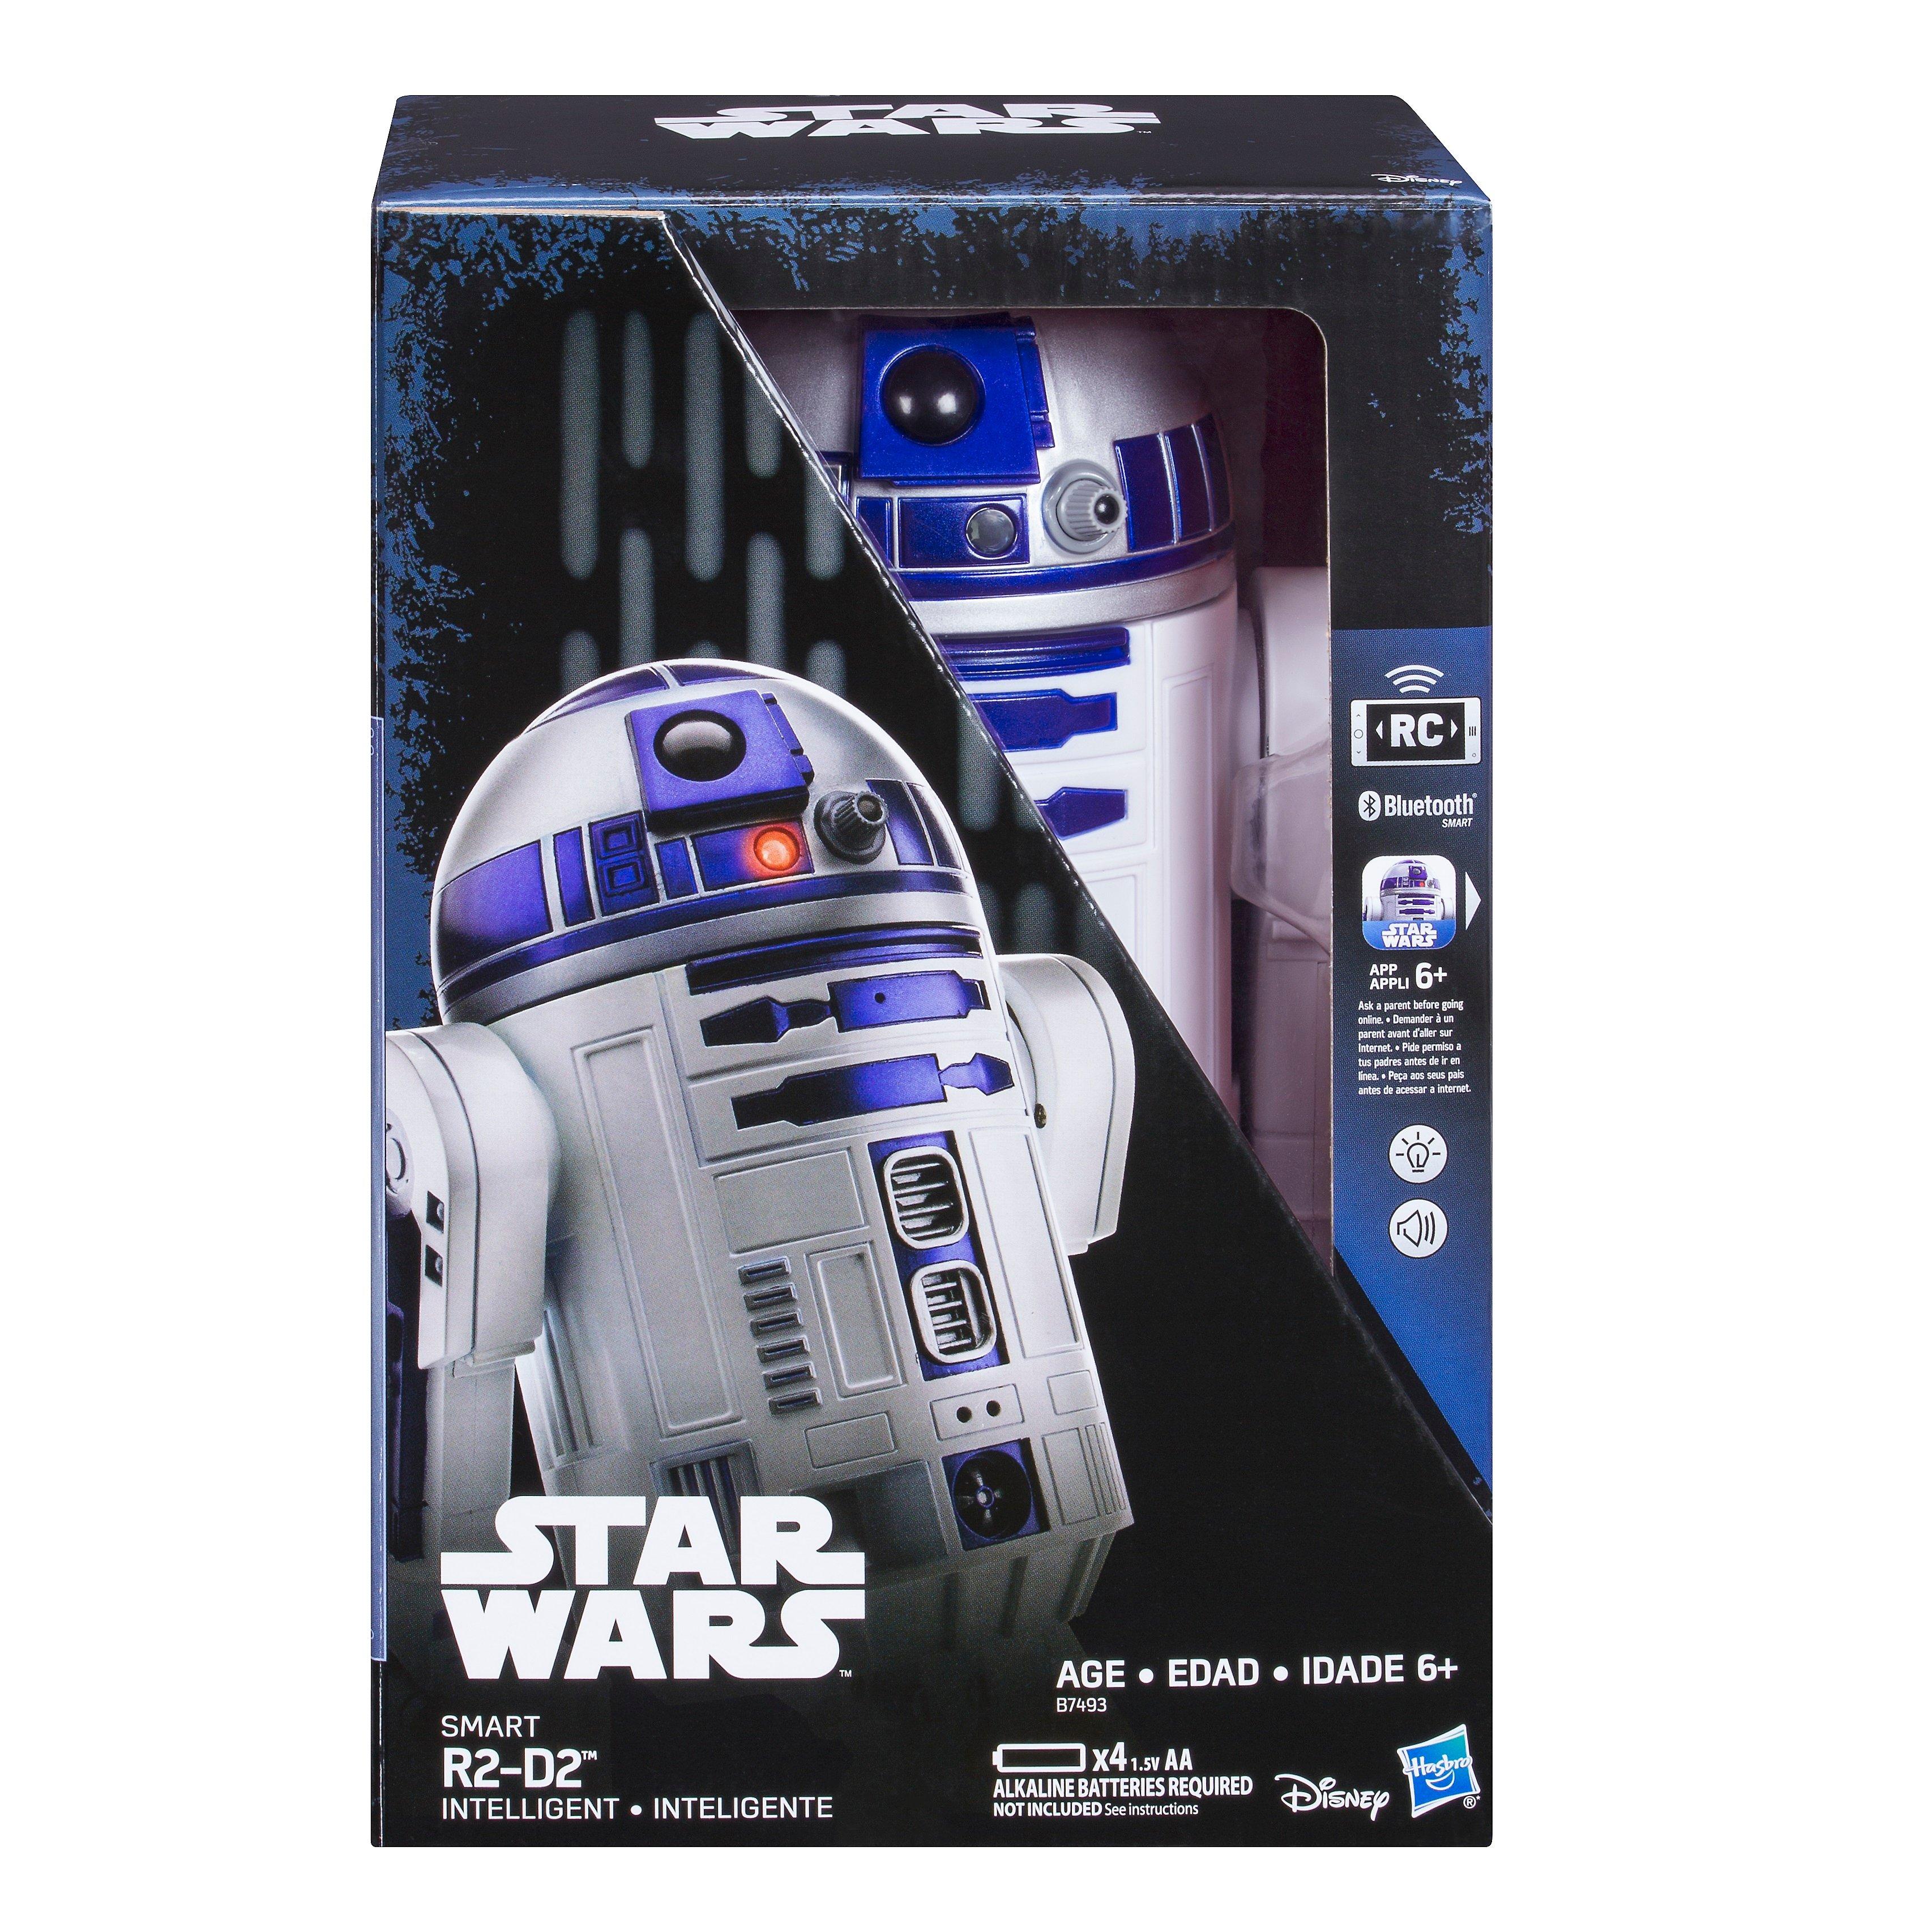 """Hasbro Announces Retailer Exclusive """"Rogue One"""" Toys"""